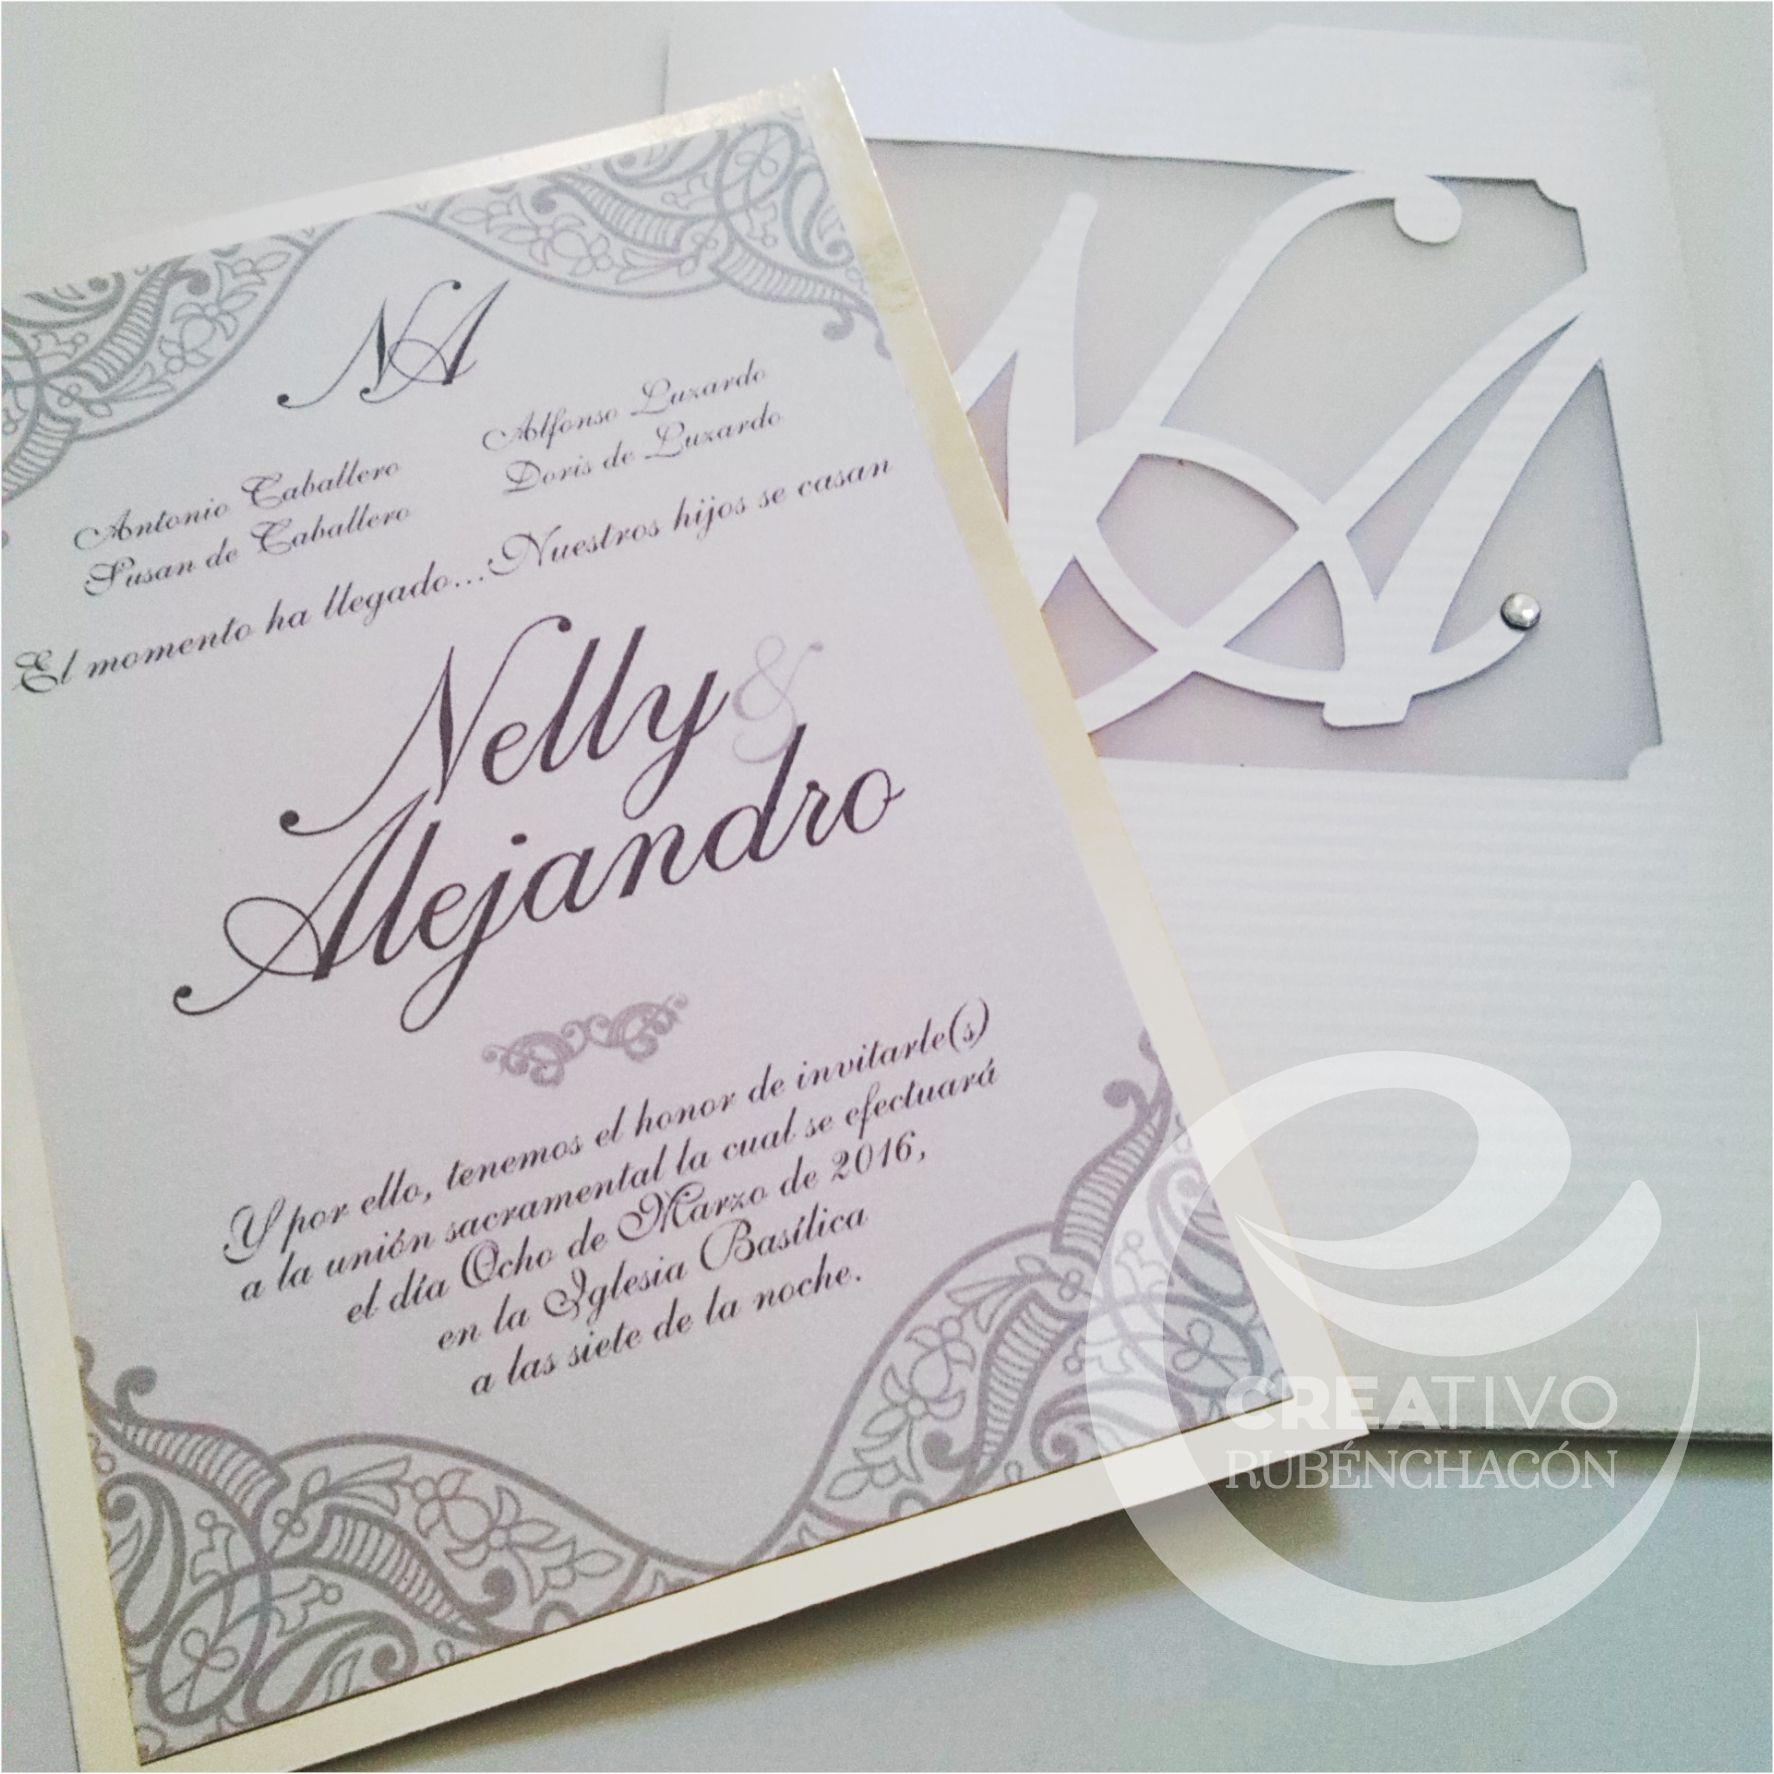 Hermosa invitaci n modelo nelly en tono blanco y plata - Modelos de tarjetas de boda ...